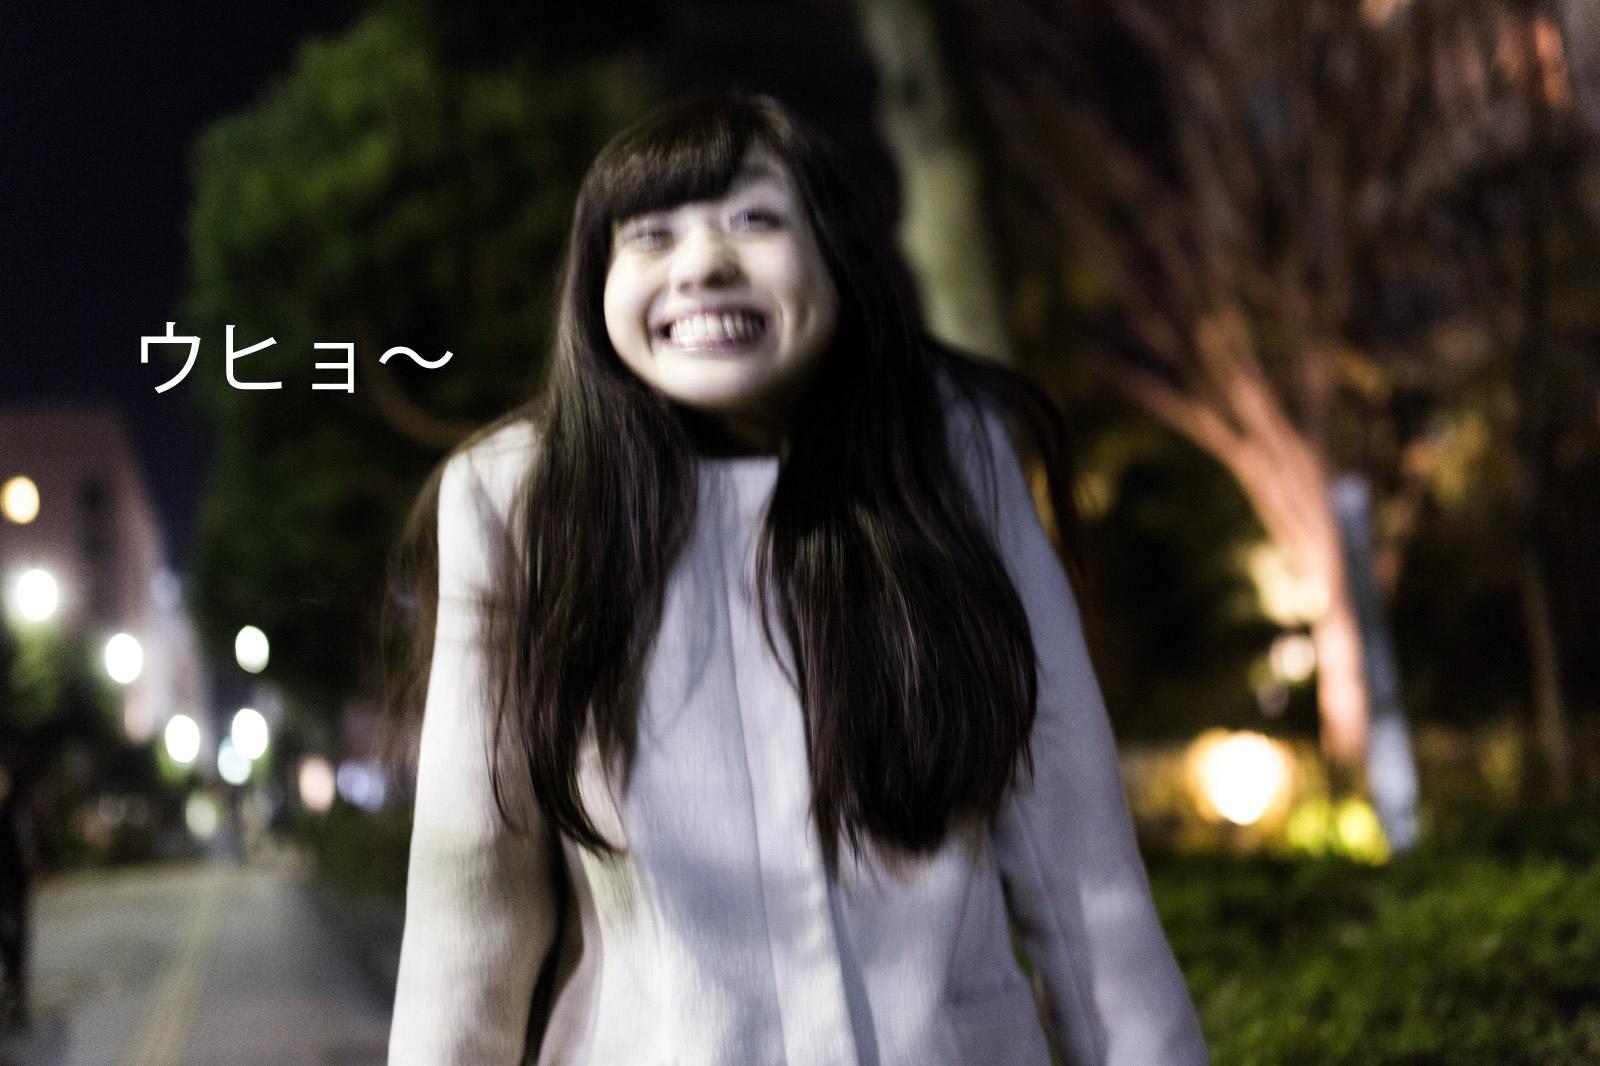 YUKA160113194303_TP_V